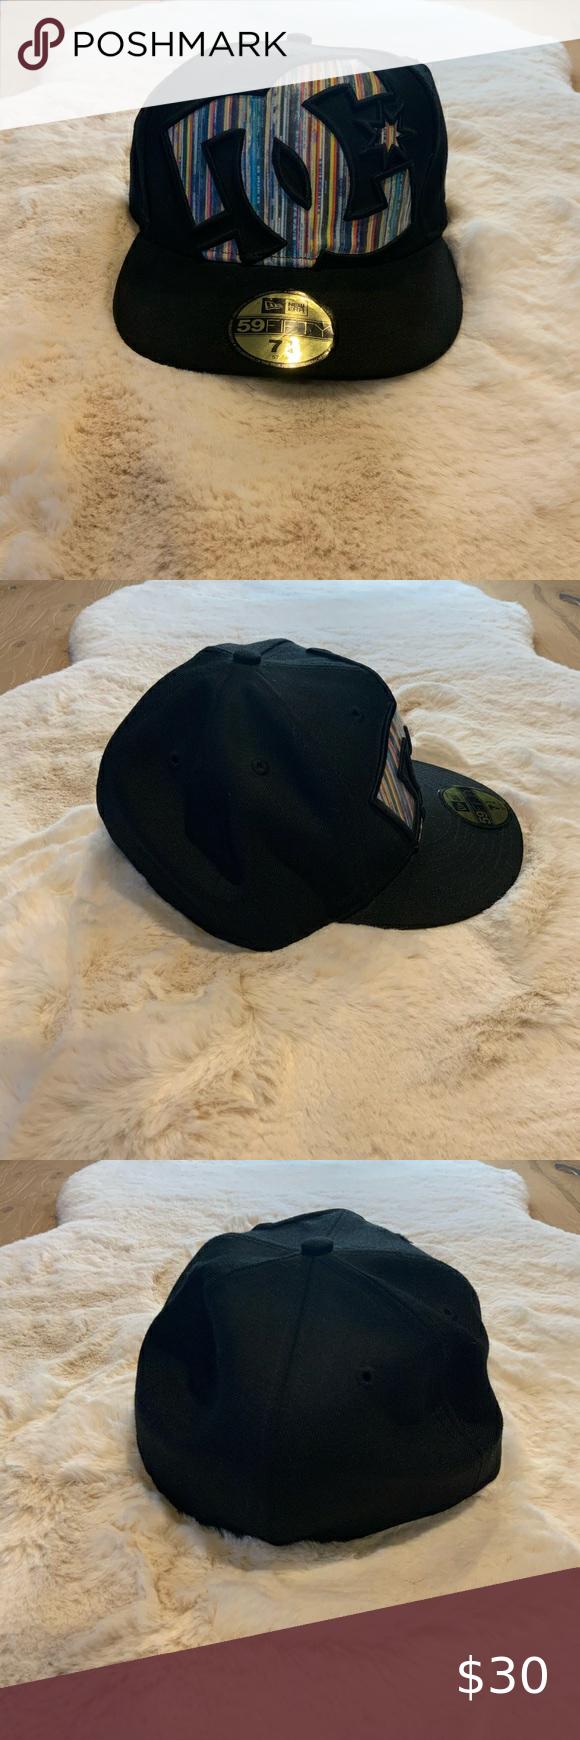 Dc Shoes Black Hat Sz 7 1 4 Dc Shoes Black Shoes Hat Sizes